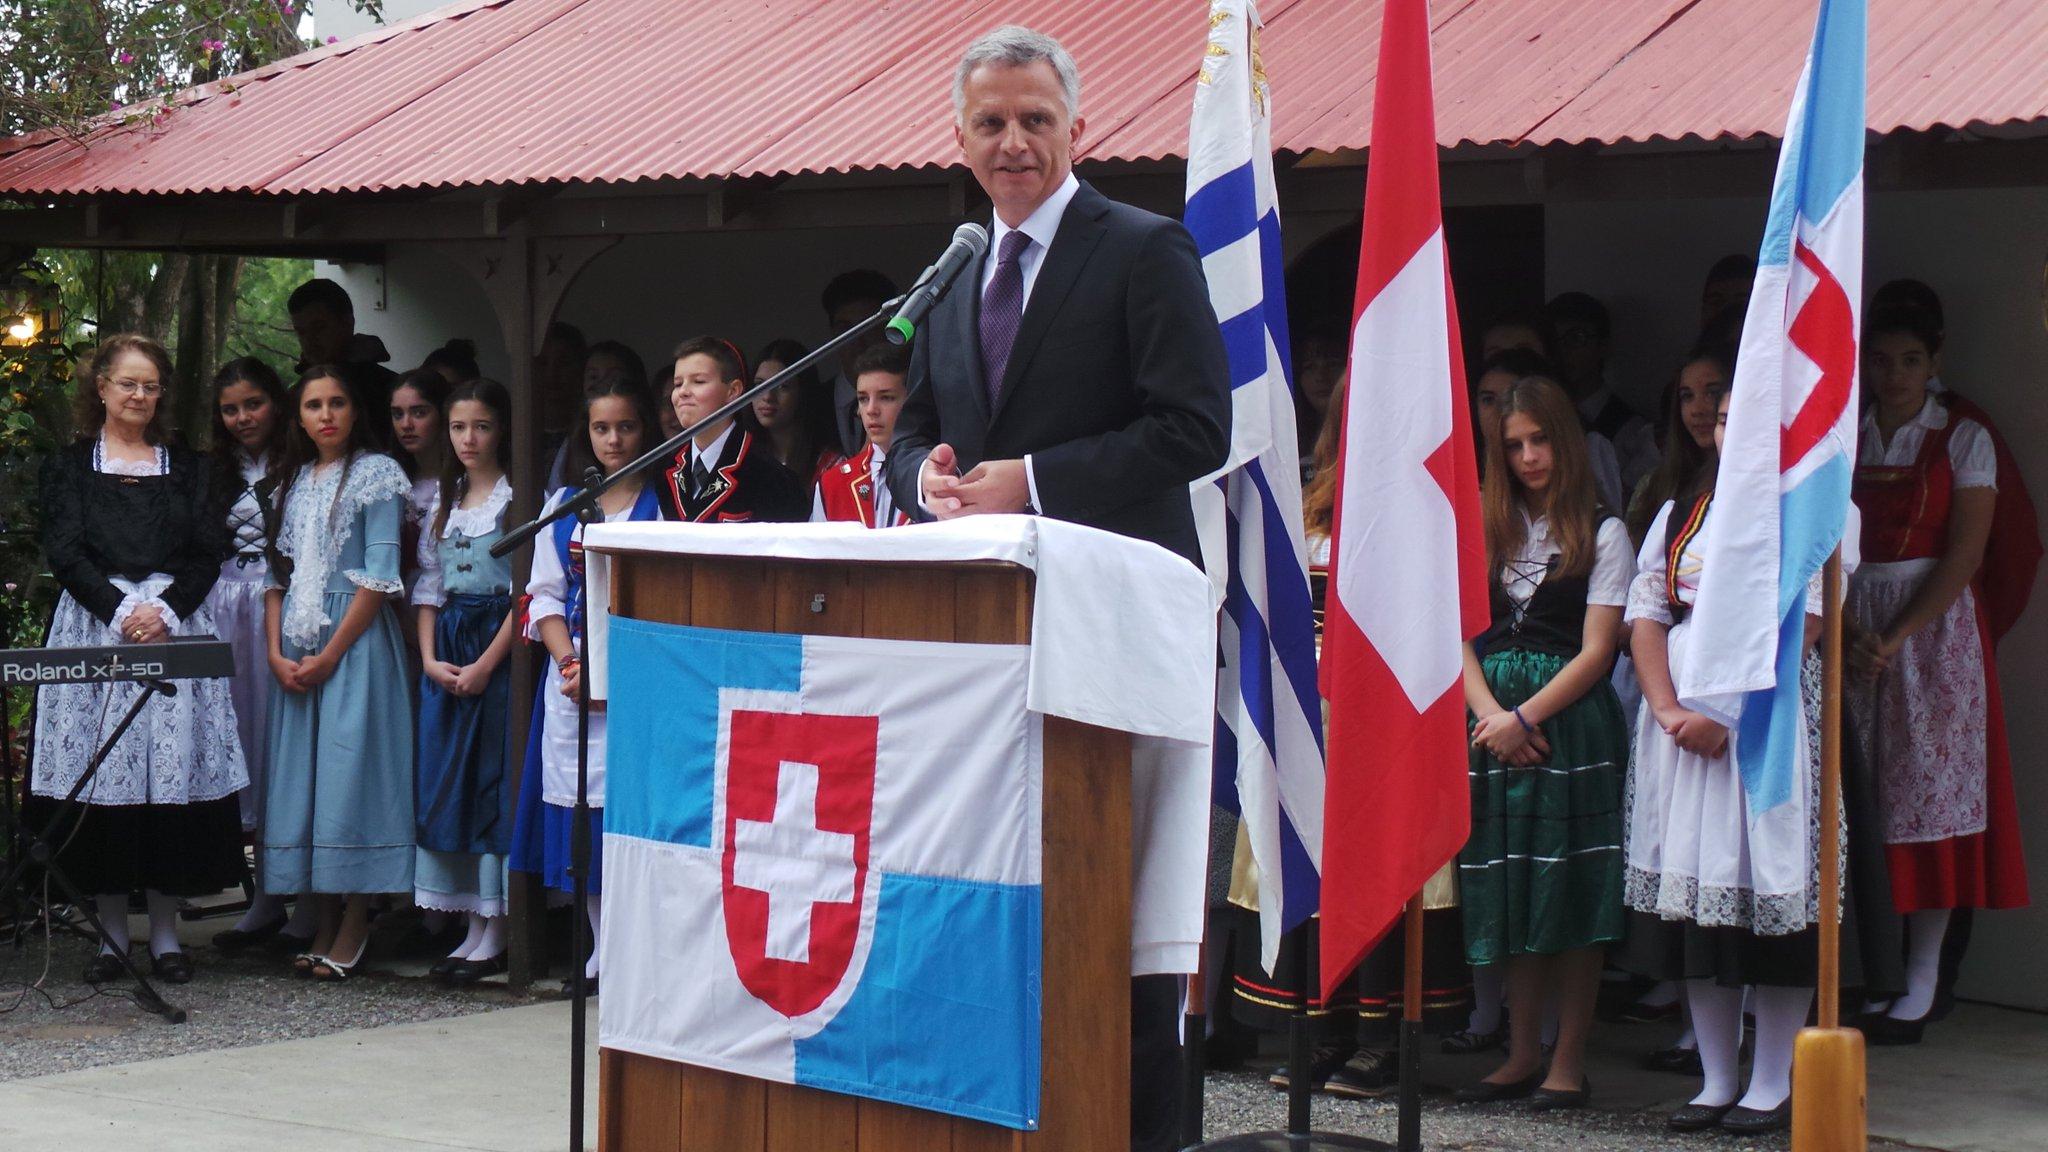 Член швейцарского федерального совета Дидье Буркхальтер